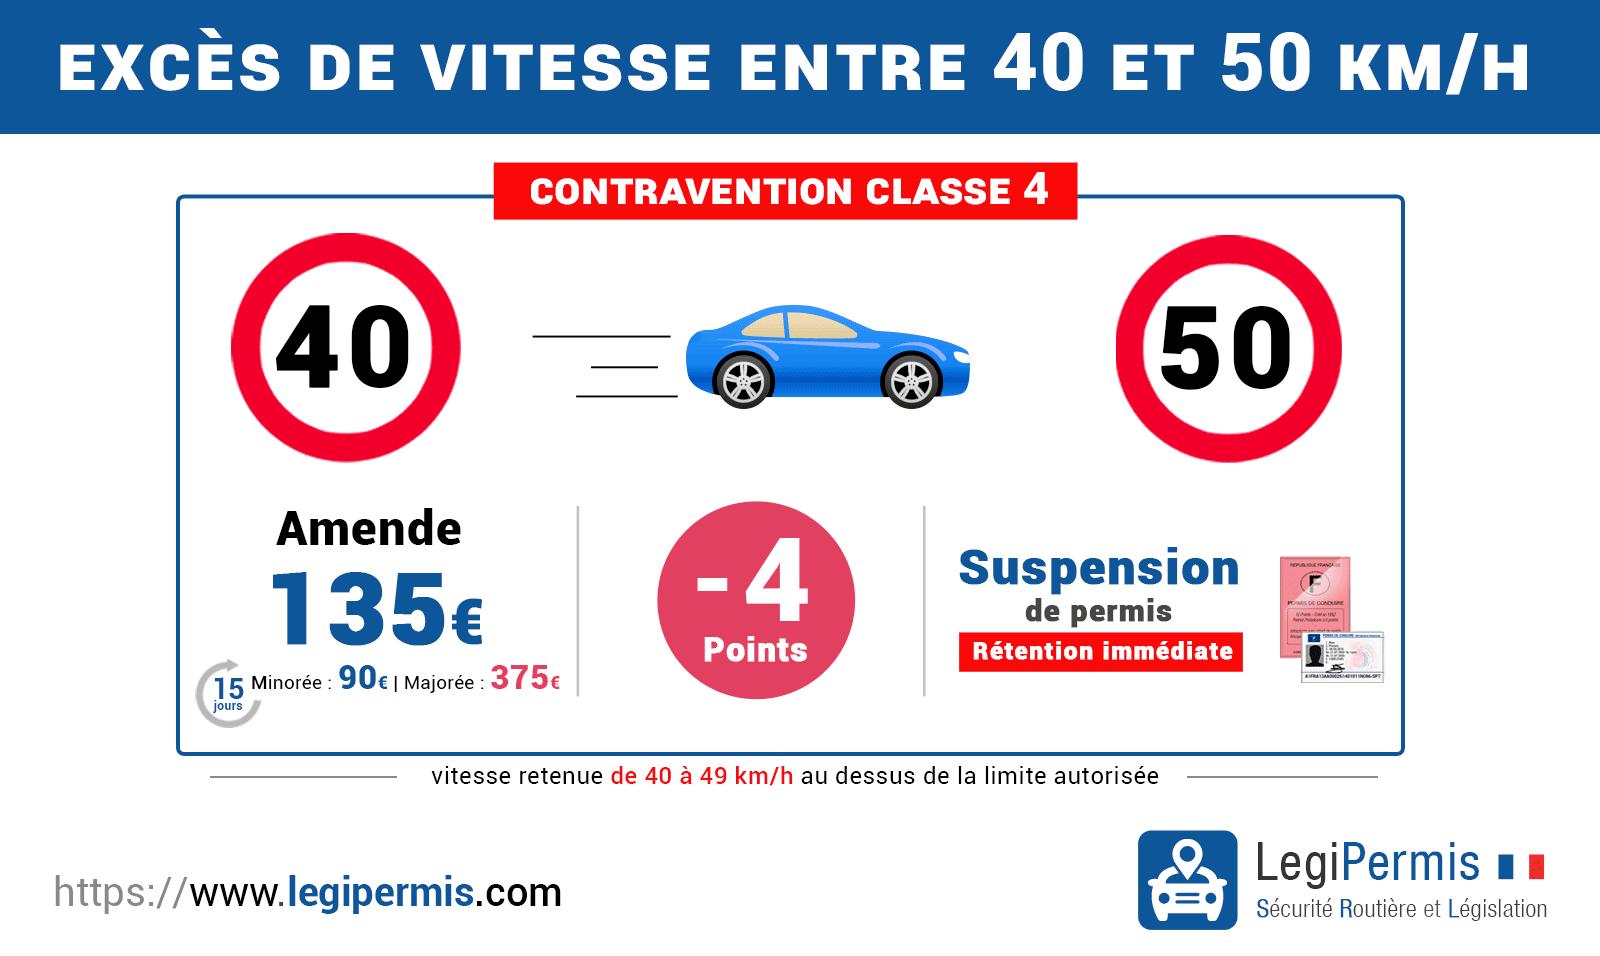 Excès de vitesse supérieur à 40km/h et inférieur à 50km/h : sanctions, amende et perte de points